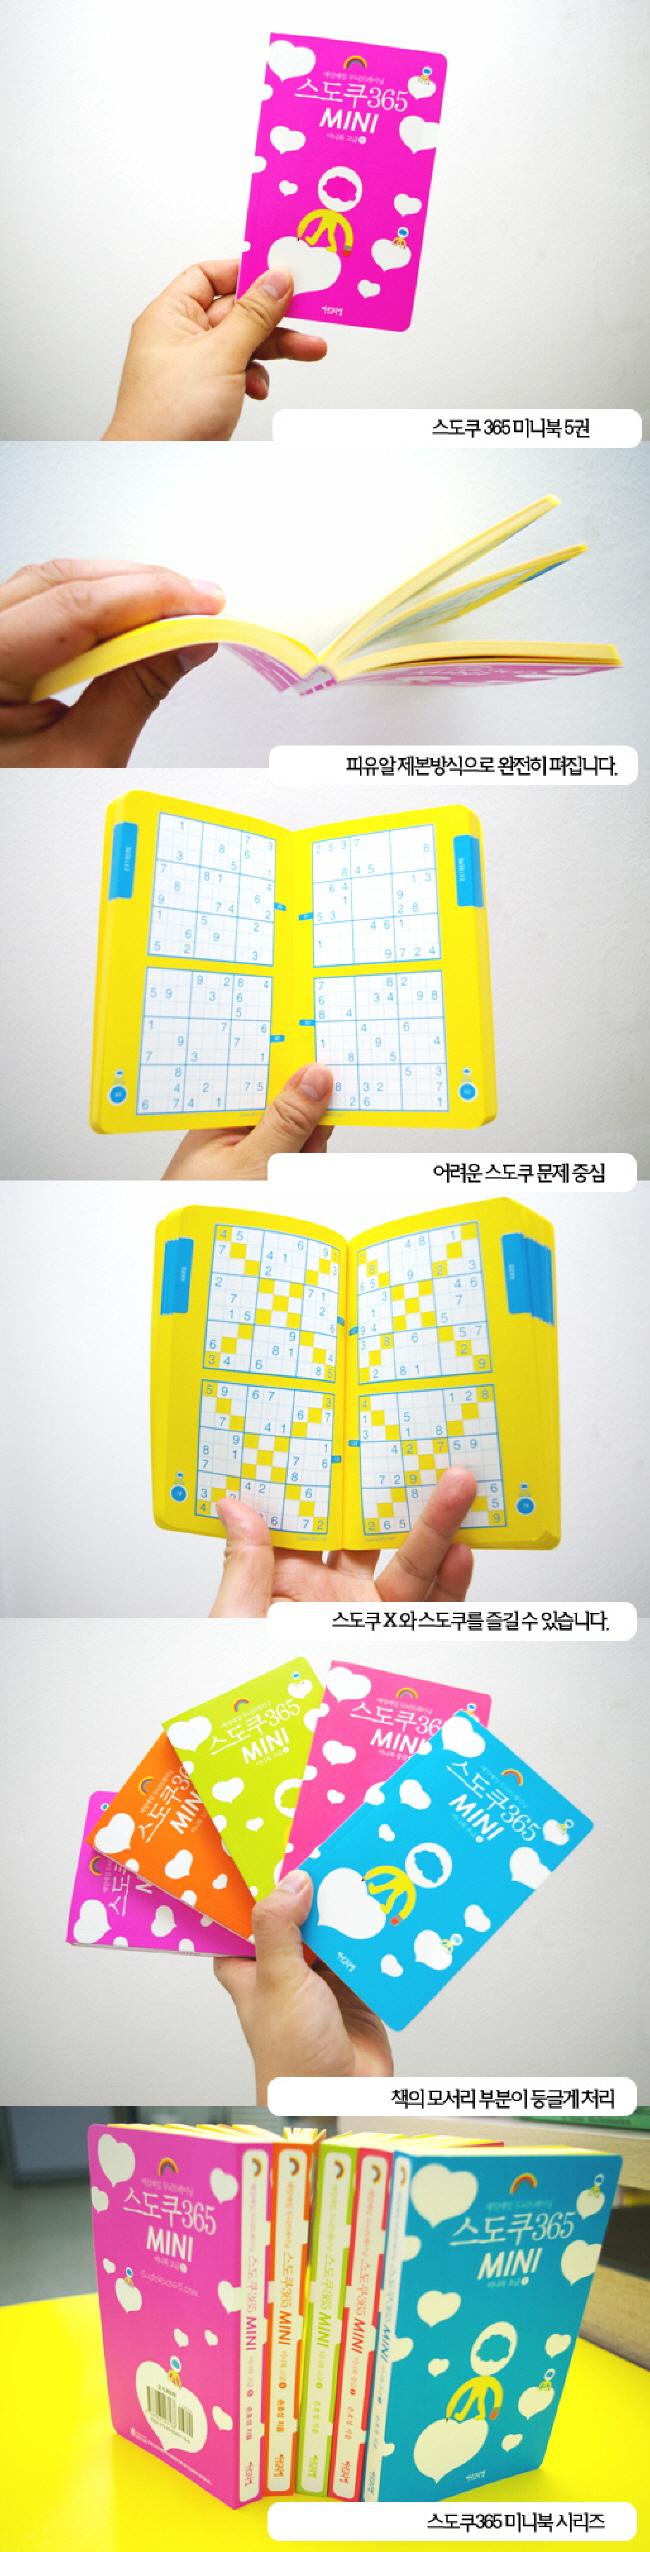 스도쿠 365 MINI: 매일매일 두뇌트레이닝(미니북 고급 5)(포켓북(문고판)) 도서 상세이미지